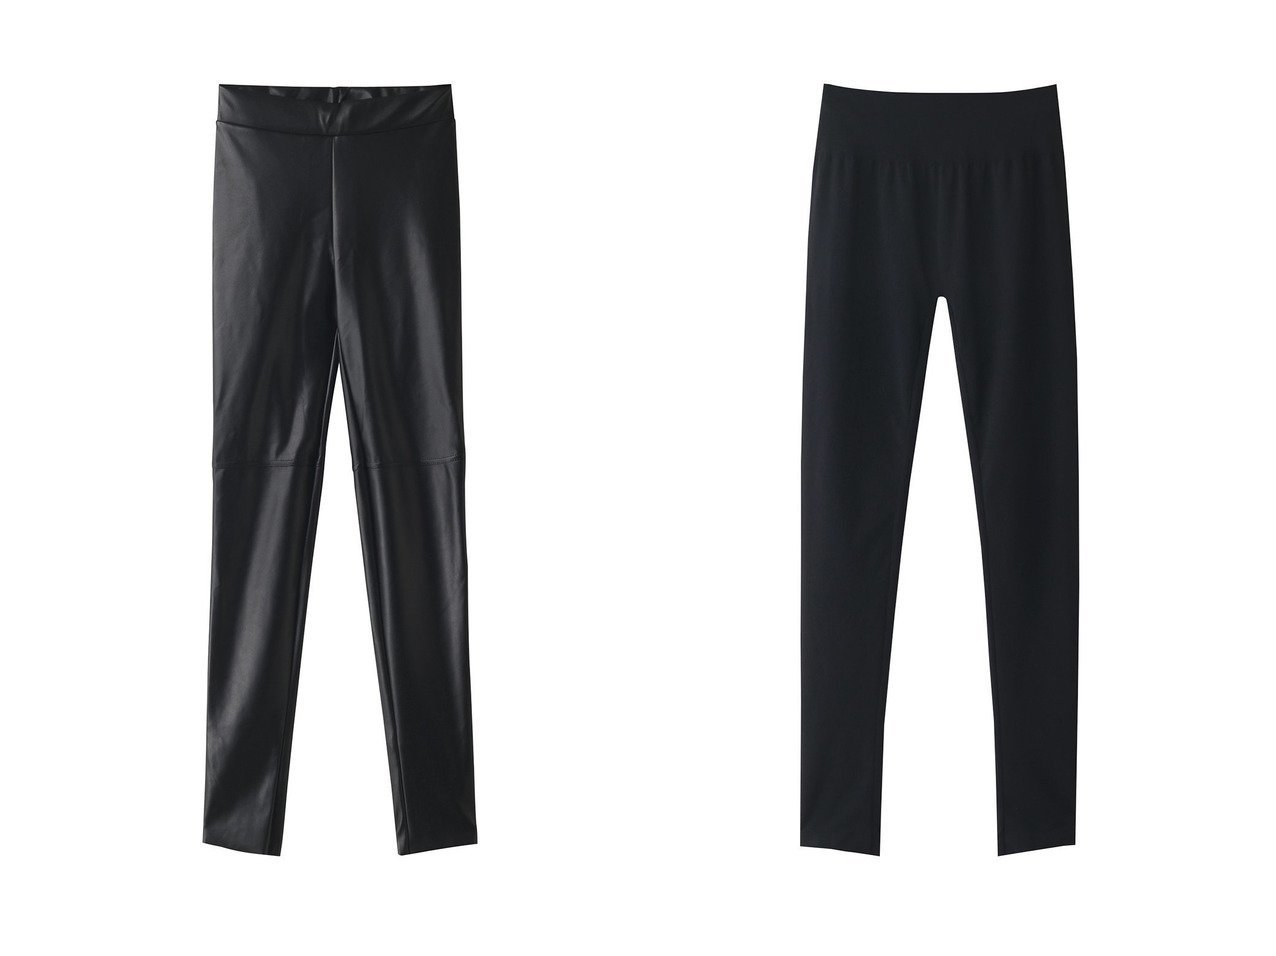 【Wolford/ウォルフォード】の14554 Perfect Fit Legging&19156 EstellaLeggings 【パンツ】おすすめ!人気、トレンド・レディースファッションの通販  おすすめで人気の流行・トレンド、ファッションの通販商品 インテリア・家具・メンズファッション・キッズファッション・レディースファッション・服の通販 founy(ファニー) https://founy.com/ ファッション Fashion レディースファッション WOMEN パンツ Pants レギンス Leggings レッグウェア Legwear おすすめ Recommend シンプル ストレッチ フィット レギンス  ID:crp329100000062123